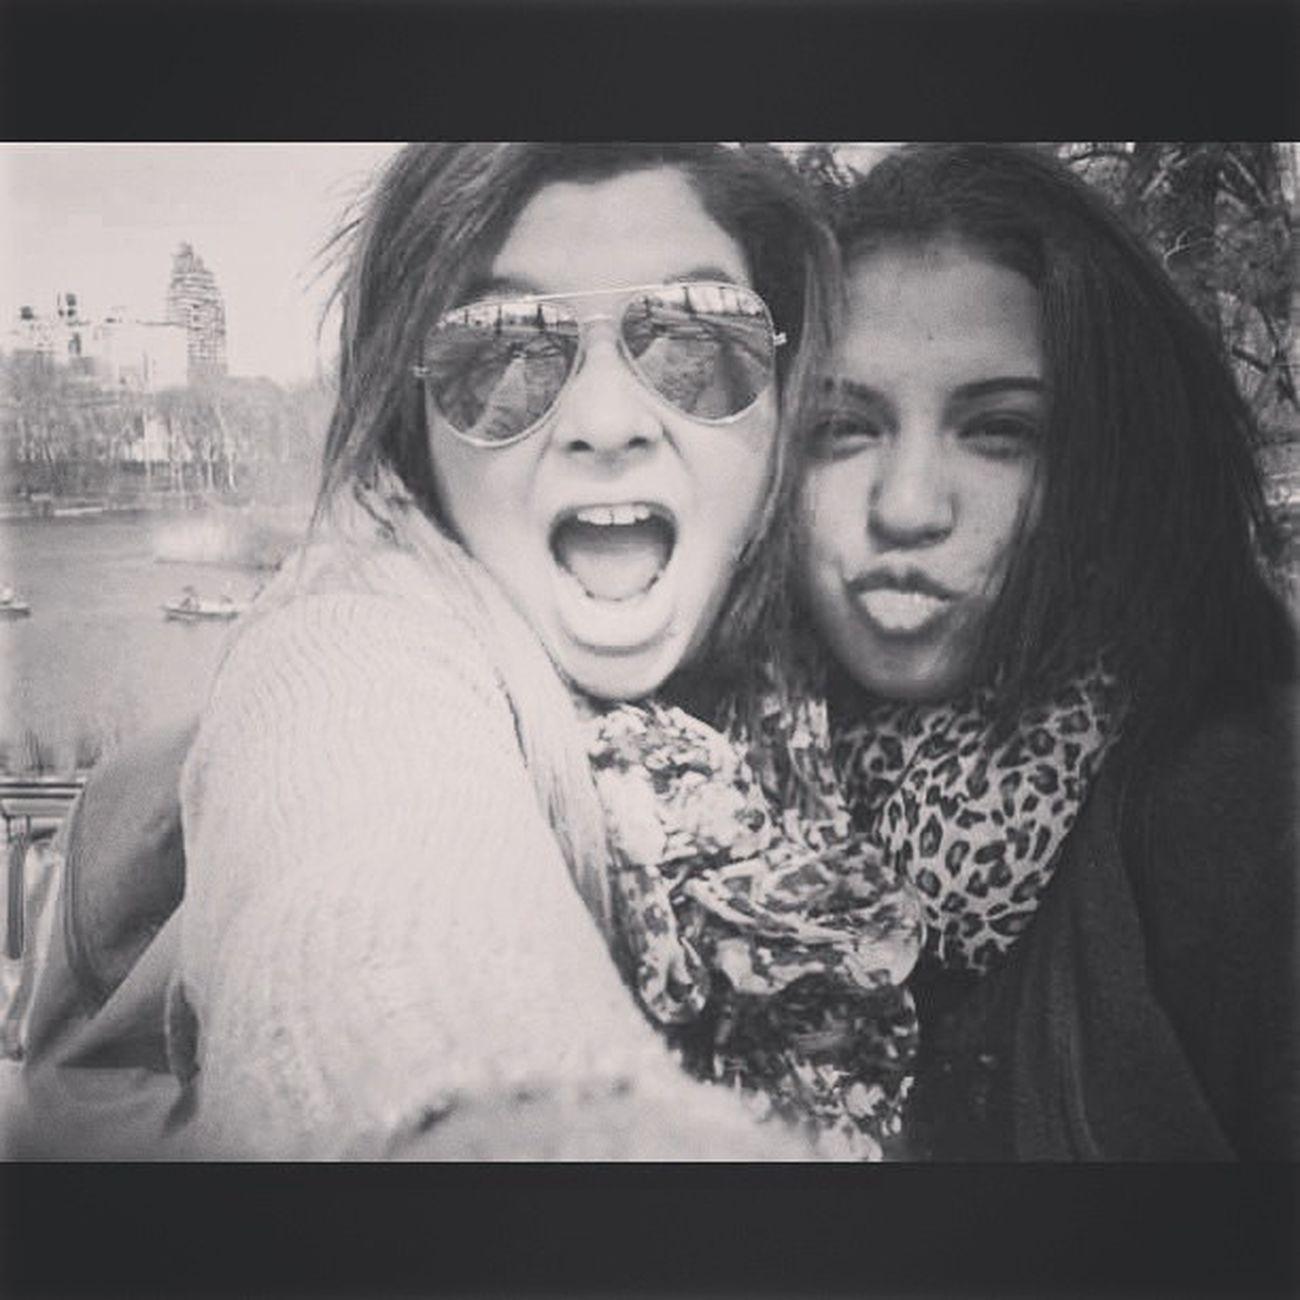 NewYork2013 Sister Sis Loveher awesomelikeforlikebestfriendsbffforeversisinstagrancutelovelyfacesliveeefollowback